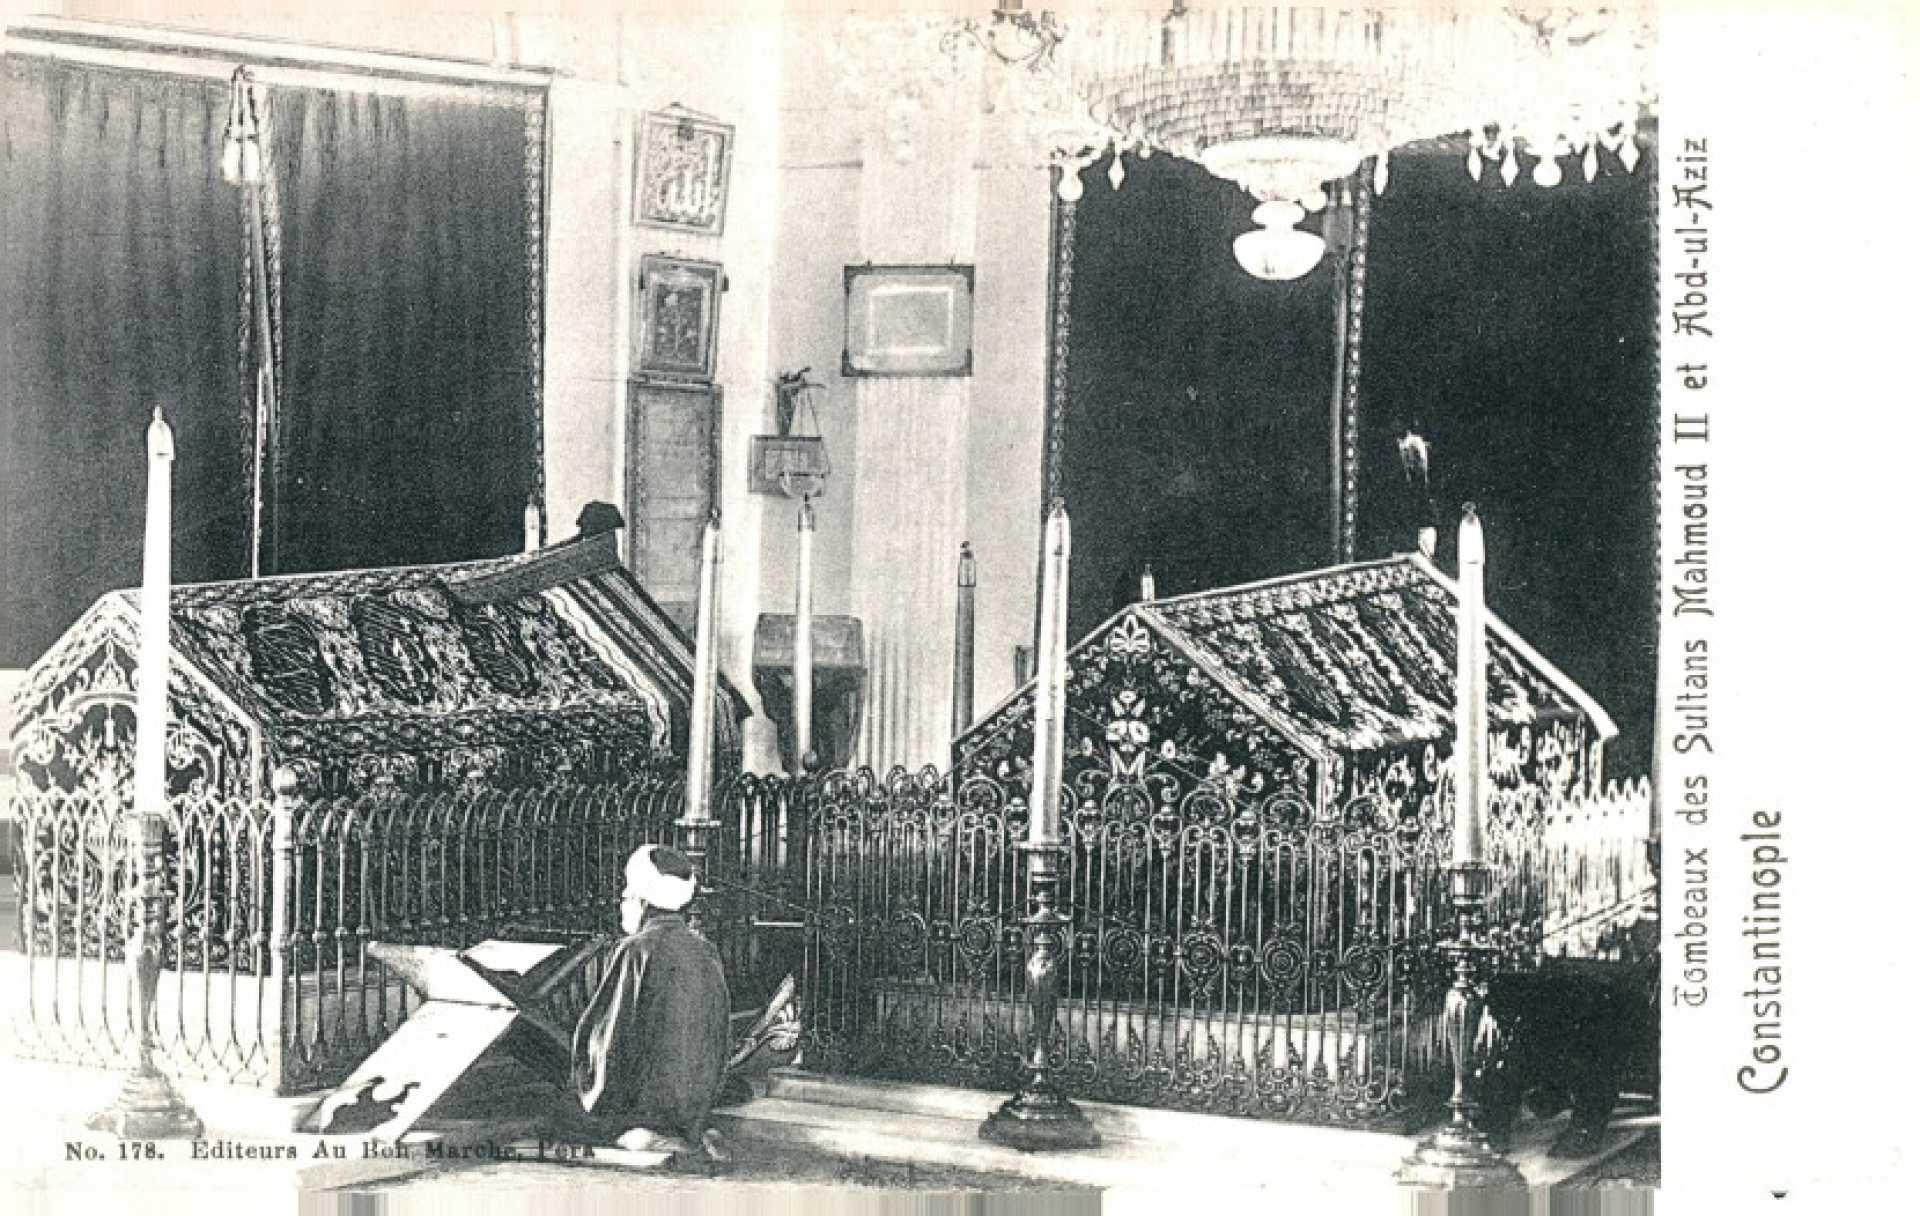 Tombeaux des Sultans Mahmud II et Abd-ul-Aziz